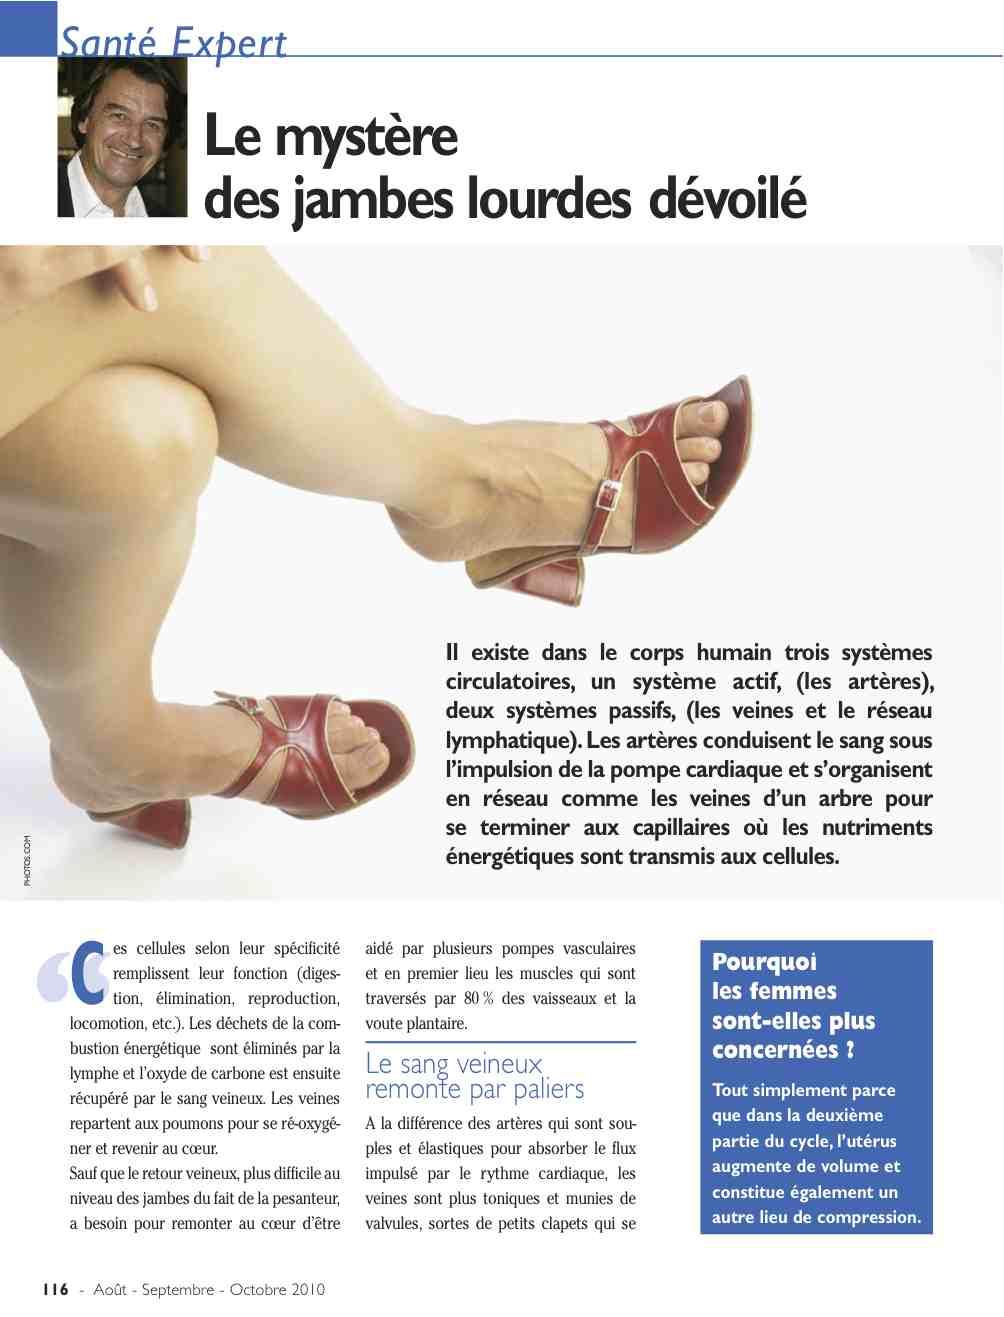 Traitement arthrose lombaire : Tout pour comprendre l'arthrose lombaire simplement et rapidement en quelques points